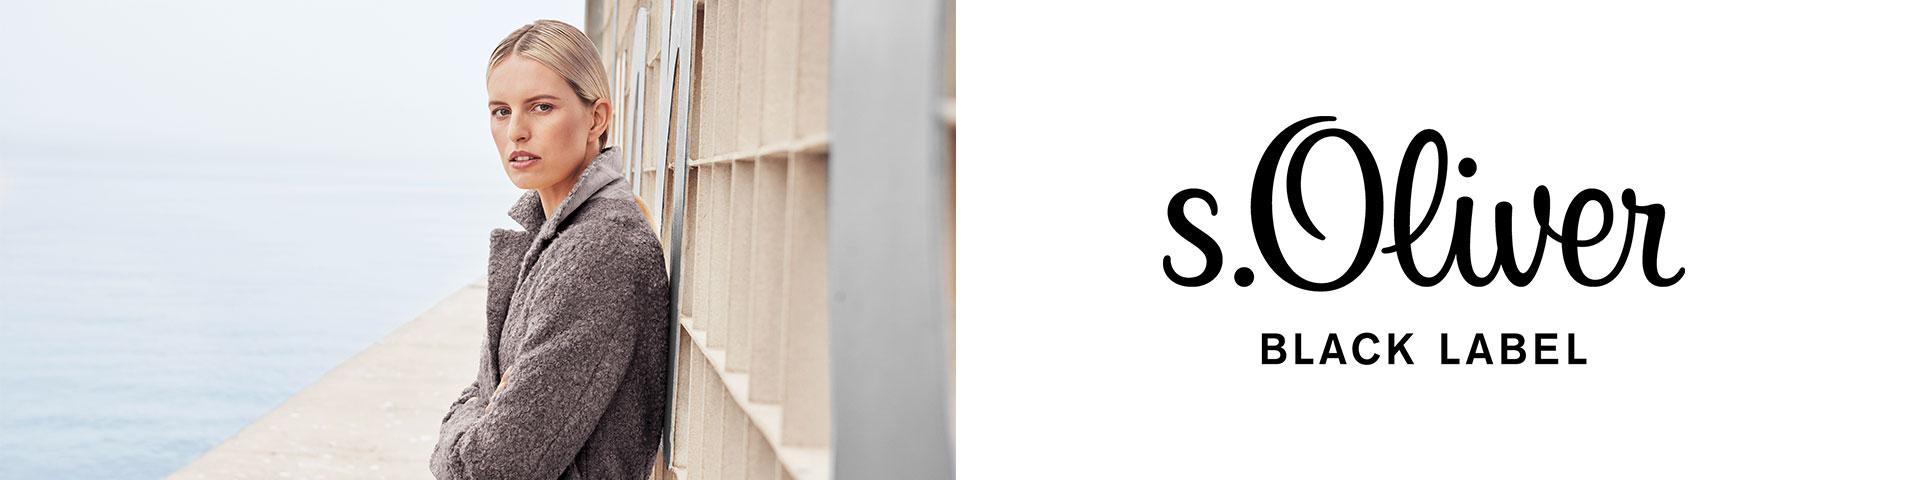 S.Oliver BLACK LABEL Rock deinen Style   Modelle für jeden Typ bei ... 3dfe9d8339